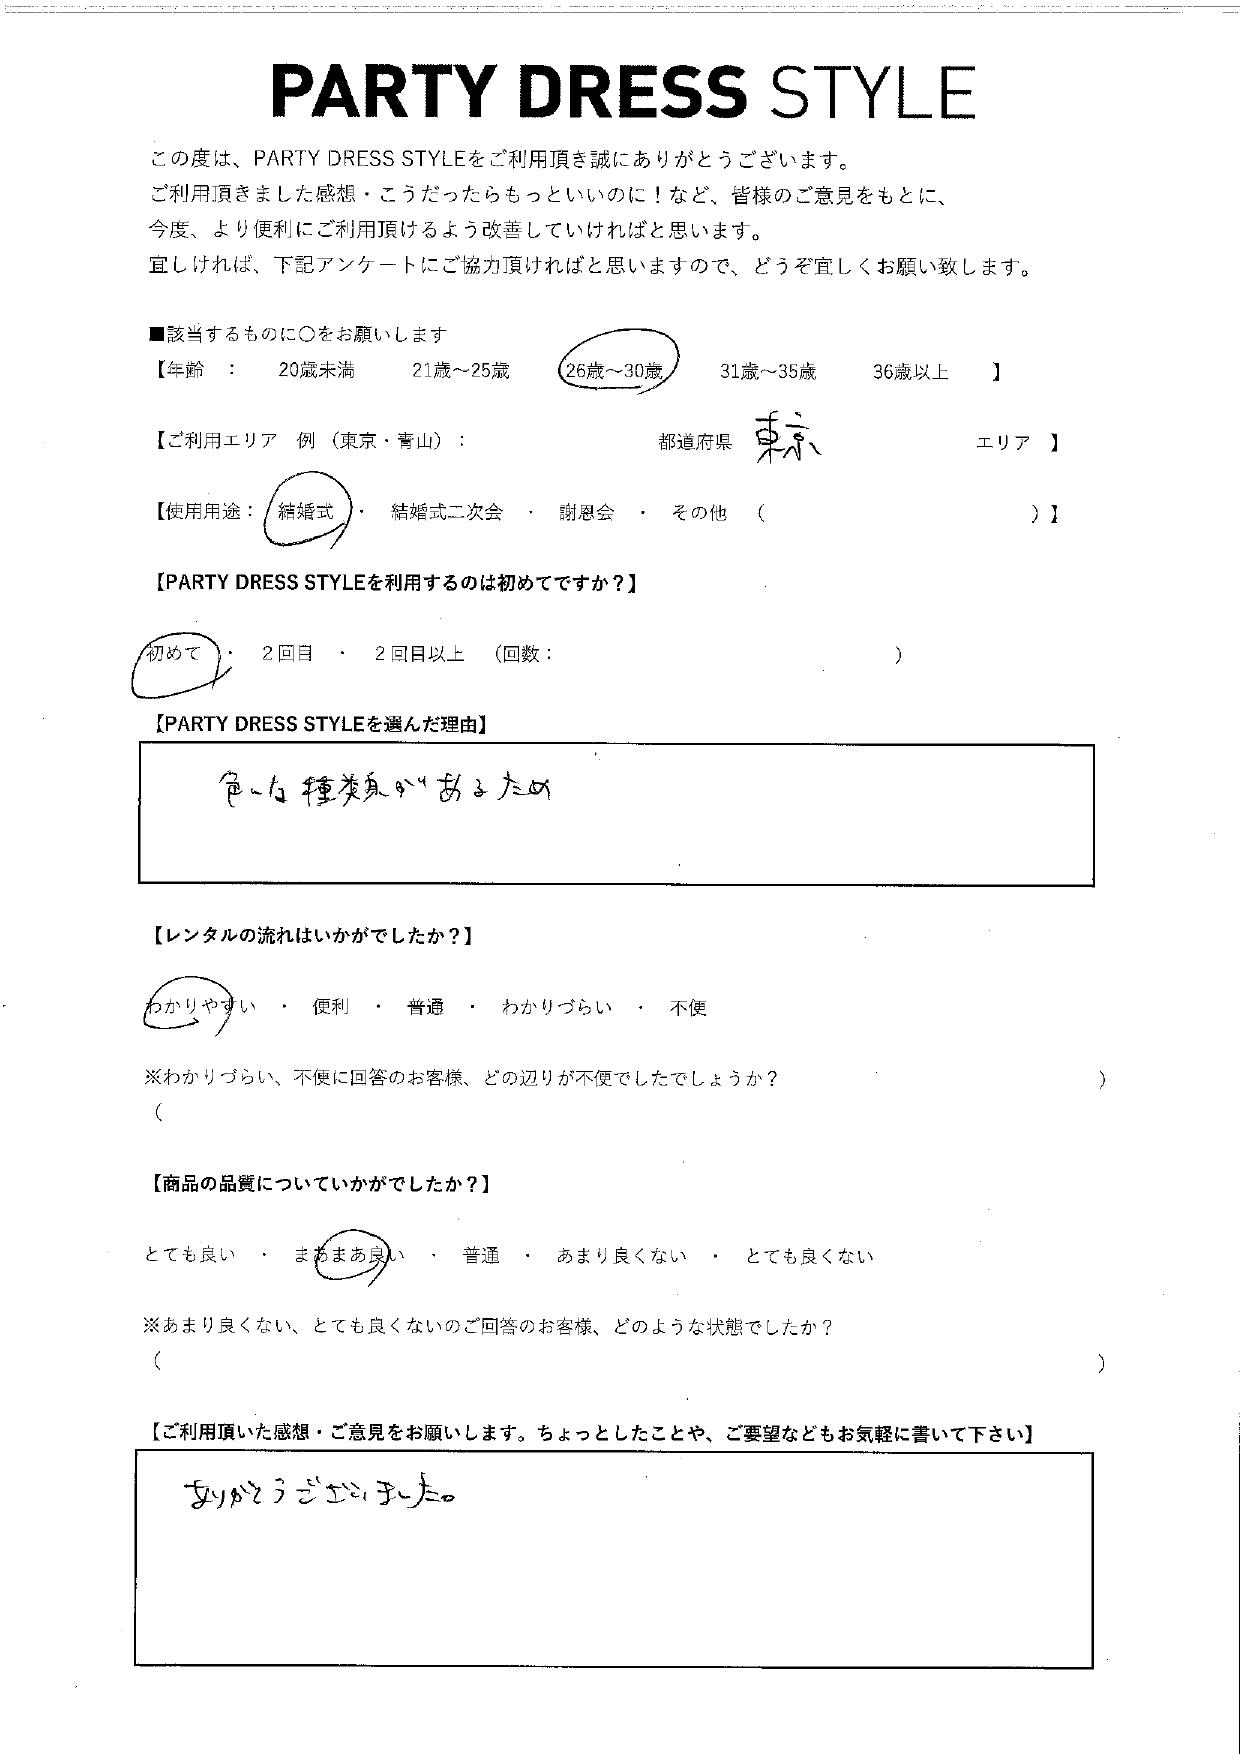 9/12結婚式ご利用 東京エリア